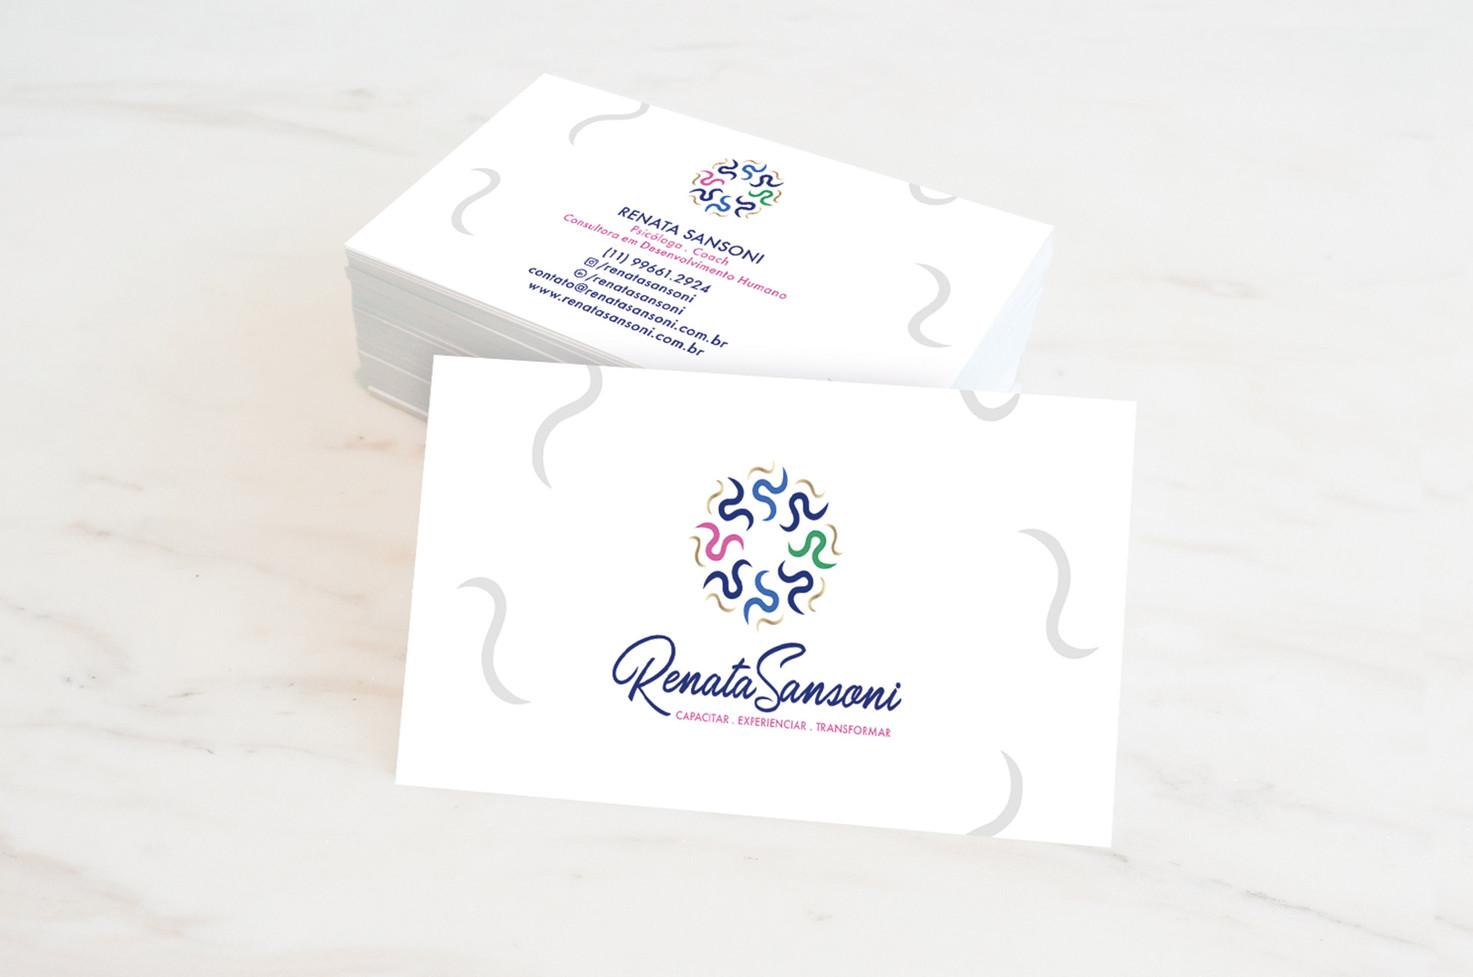 citrino-design-portfolio-renatasansoni-c